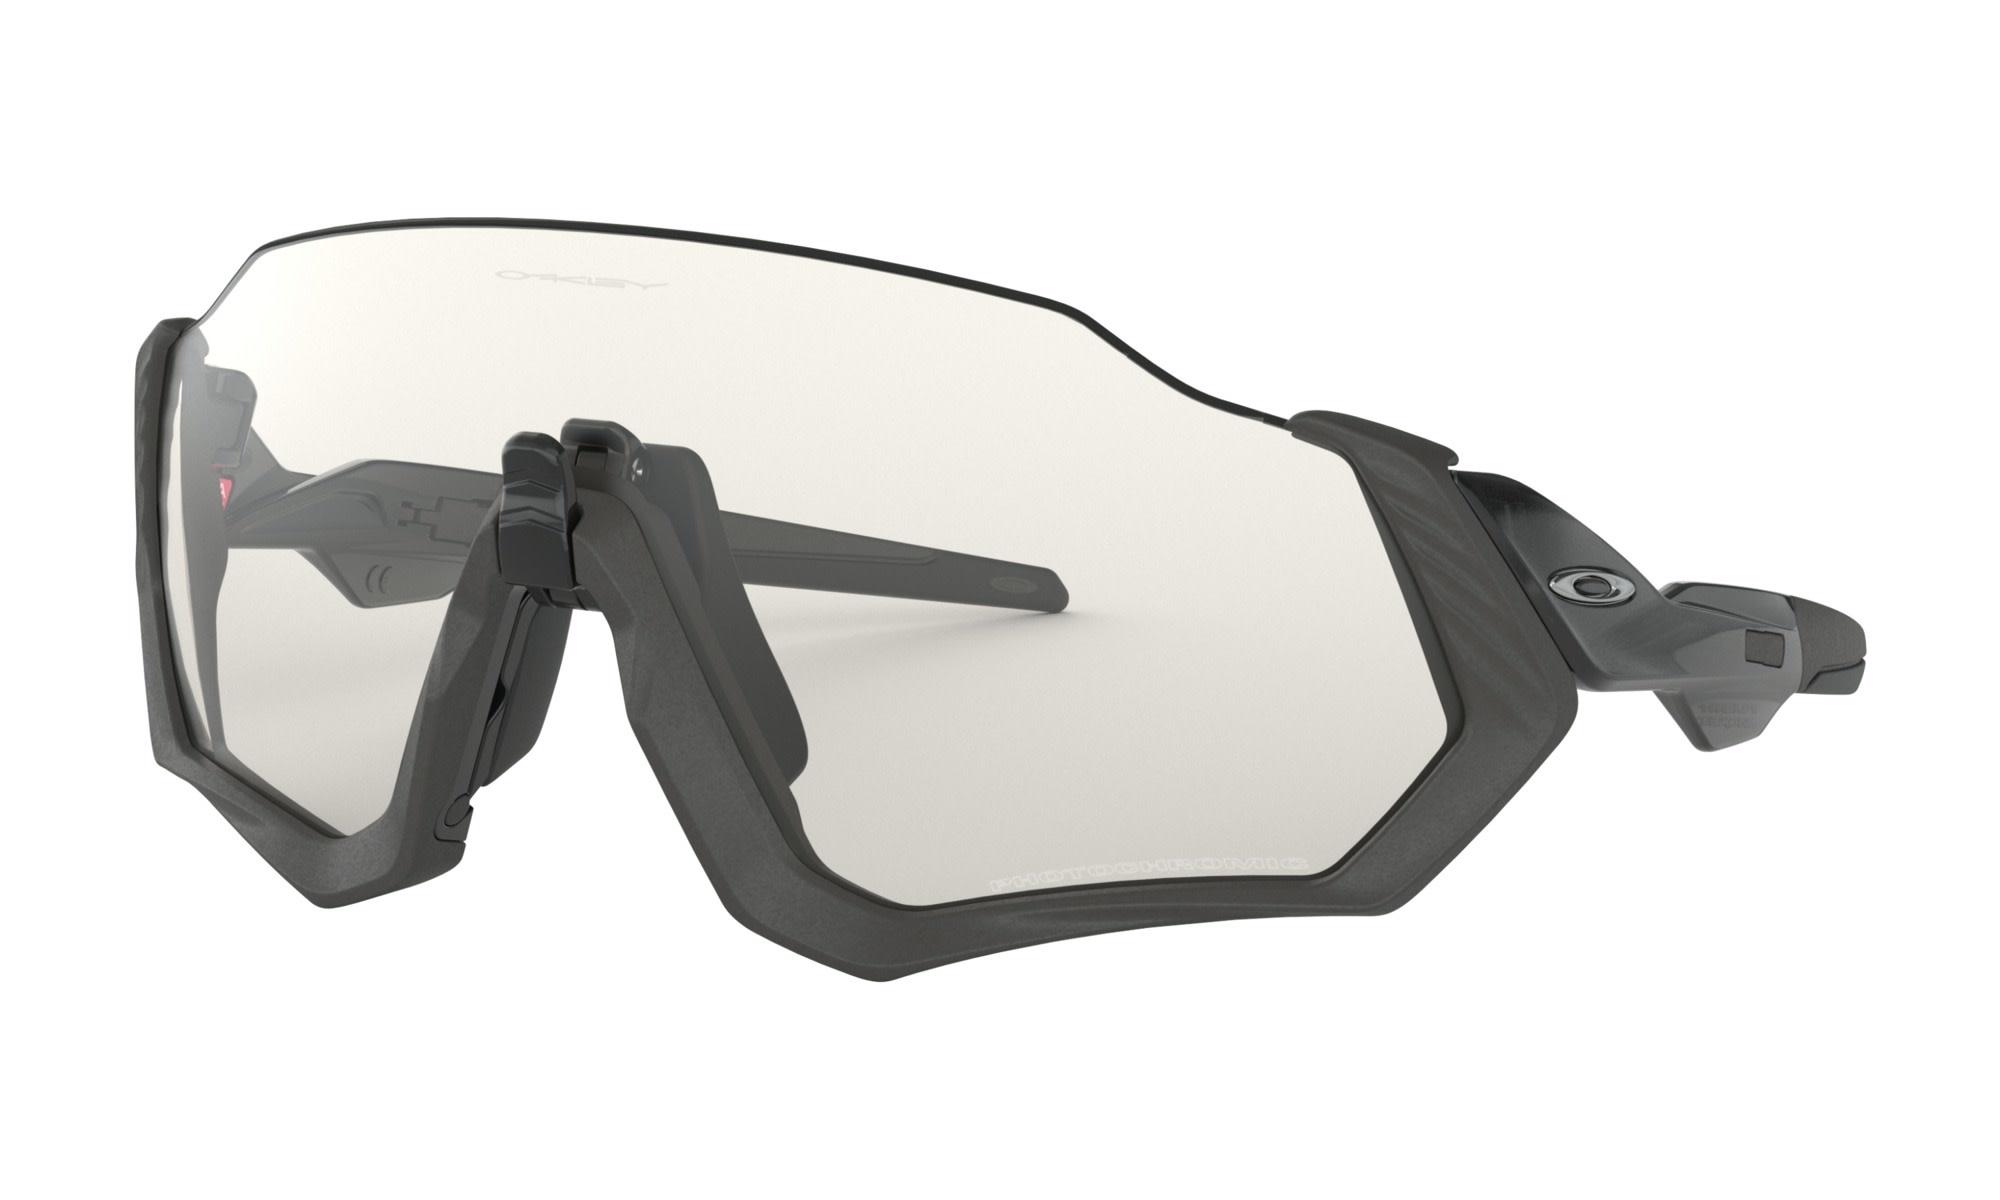 Lunette Oakley Flight Jacket Steel Clear Black Iridium Photochromic